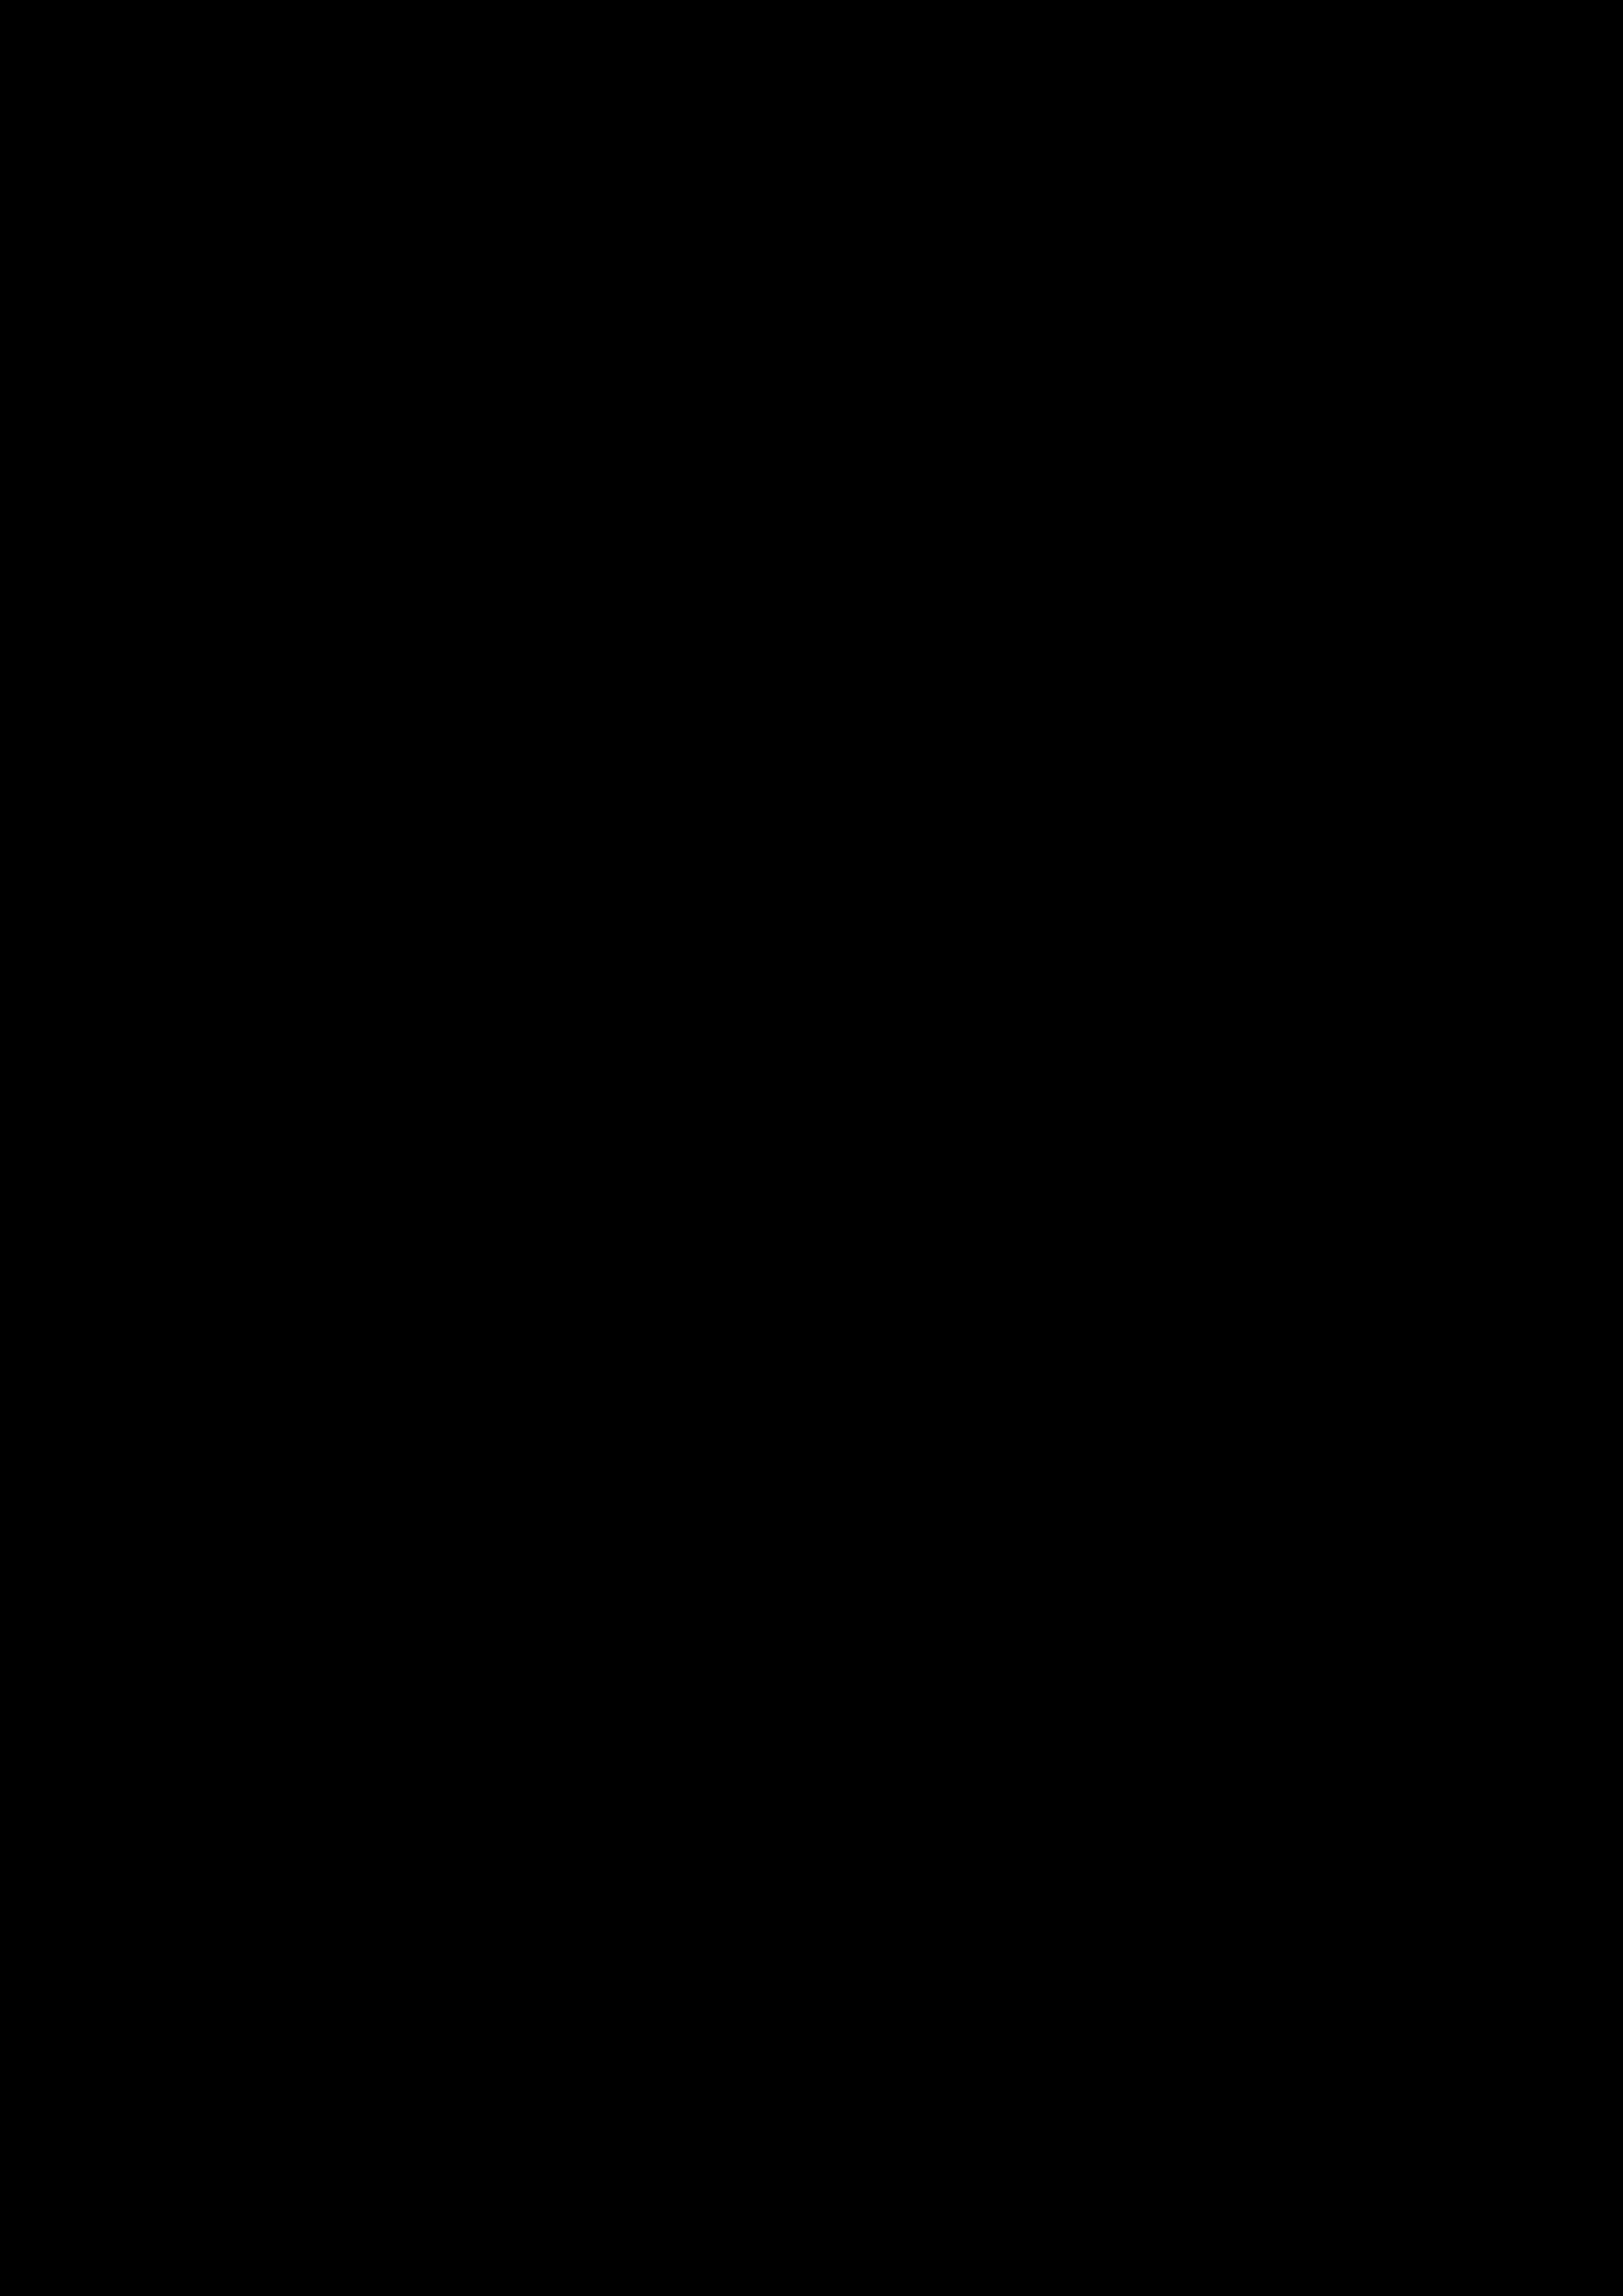 Rembrandt-Logoset.png